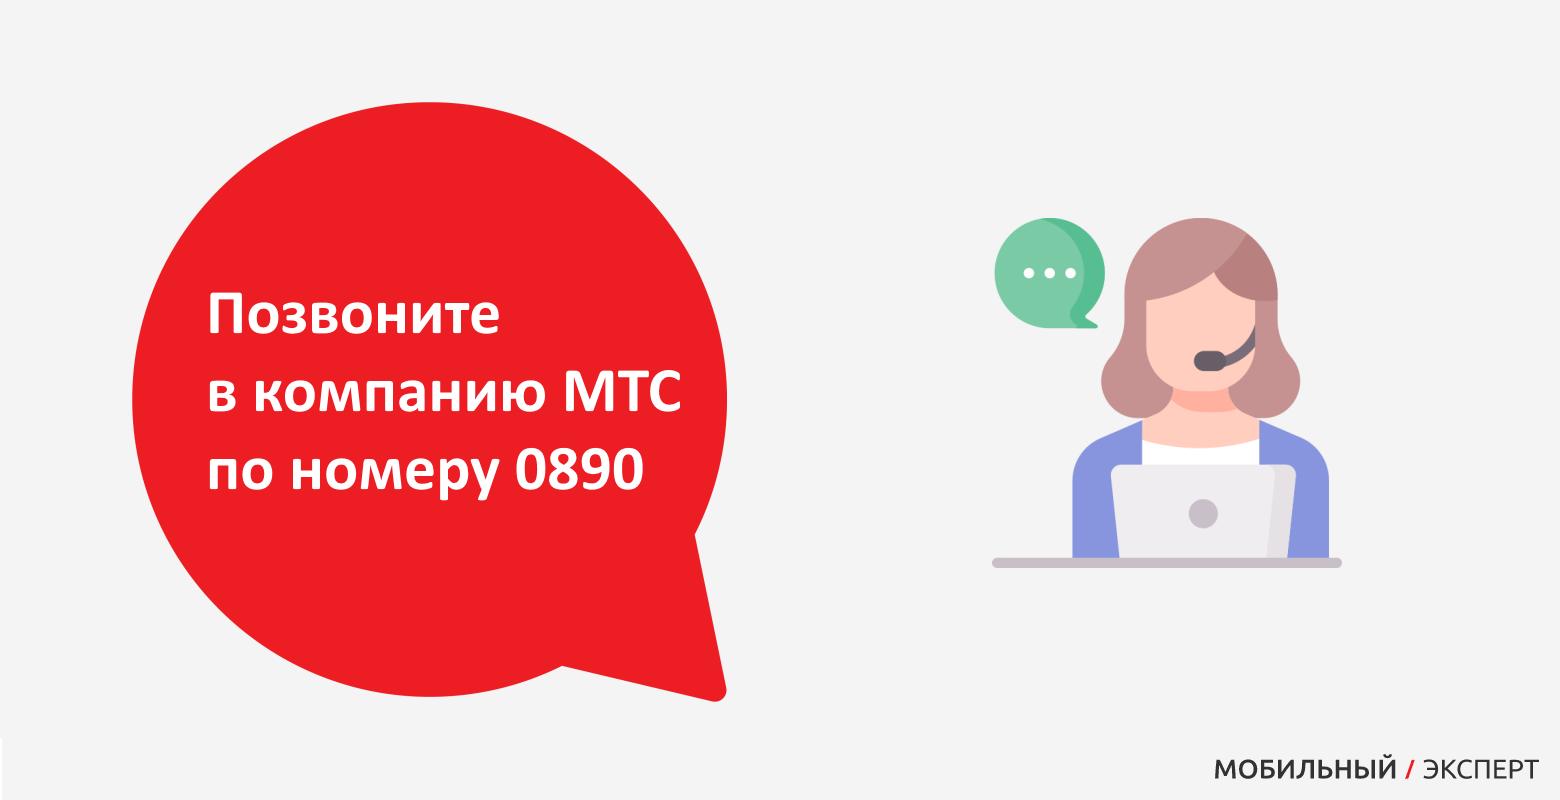 Позвоните в компанию МТС по номеру 0890